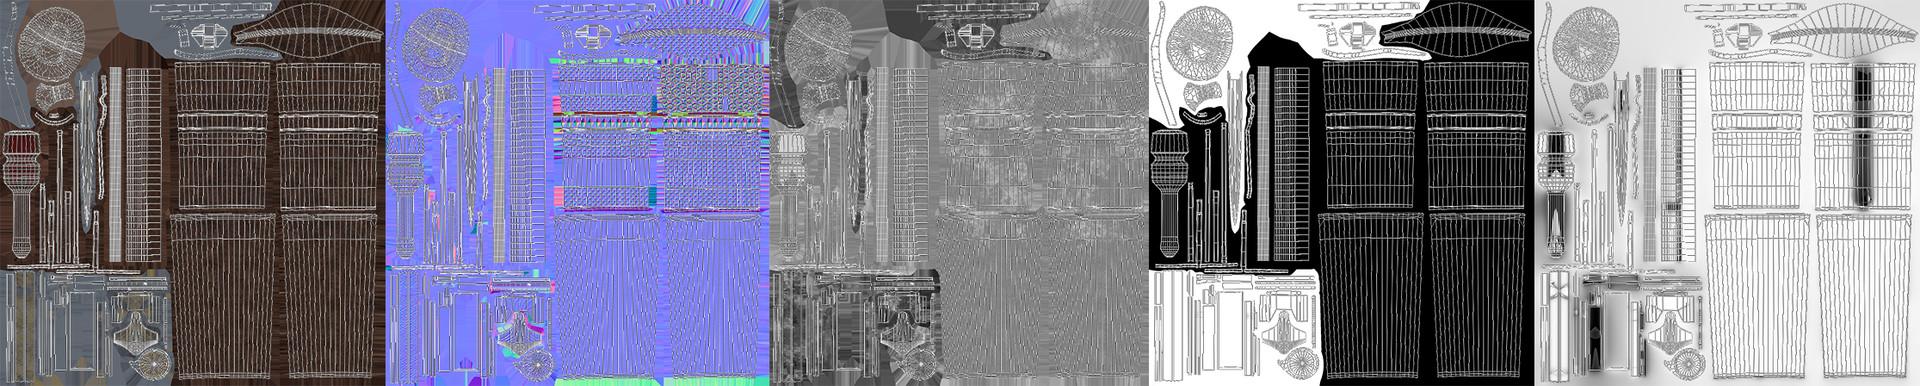 Markus pichler hiddenblade presentation sheetszeichenflache 1 kopie 4